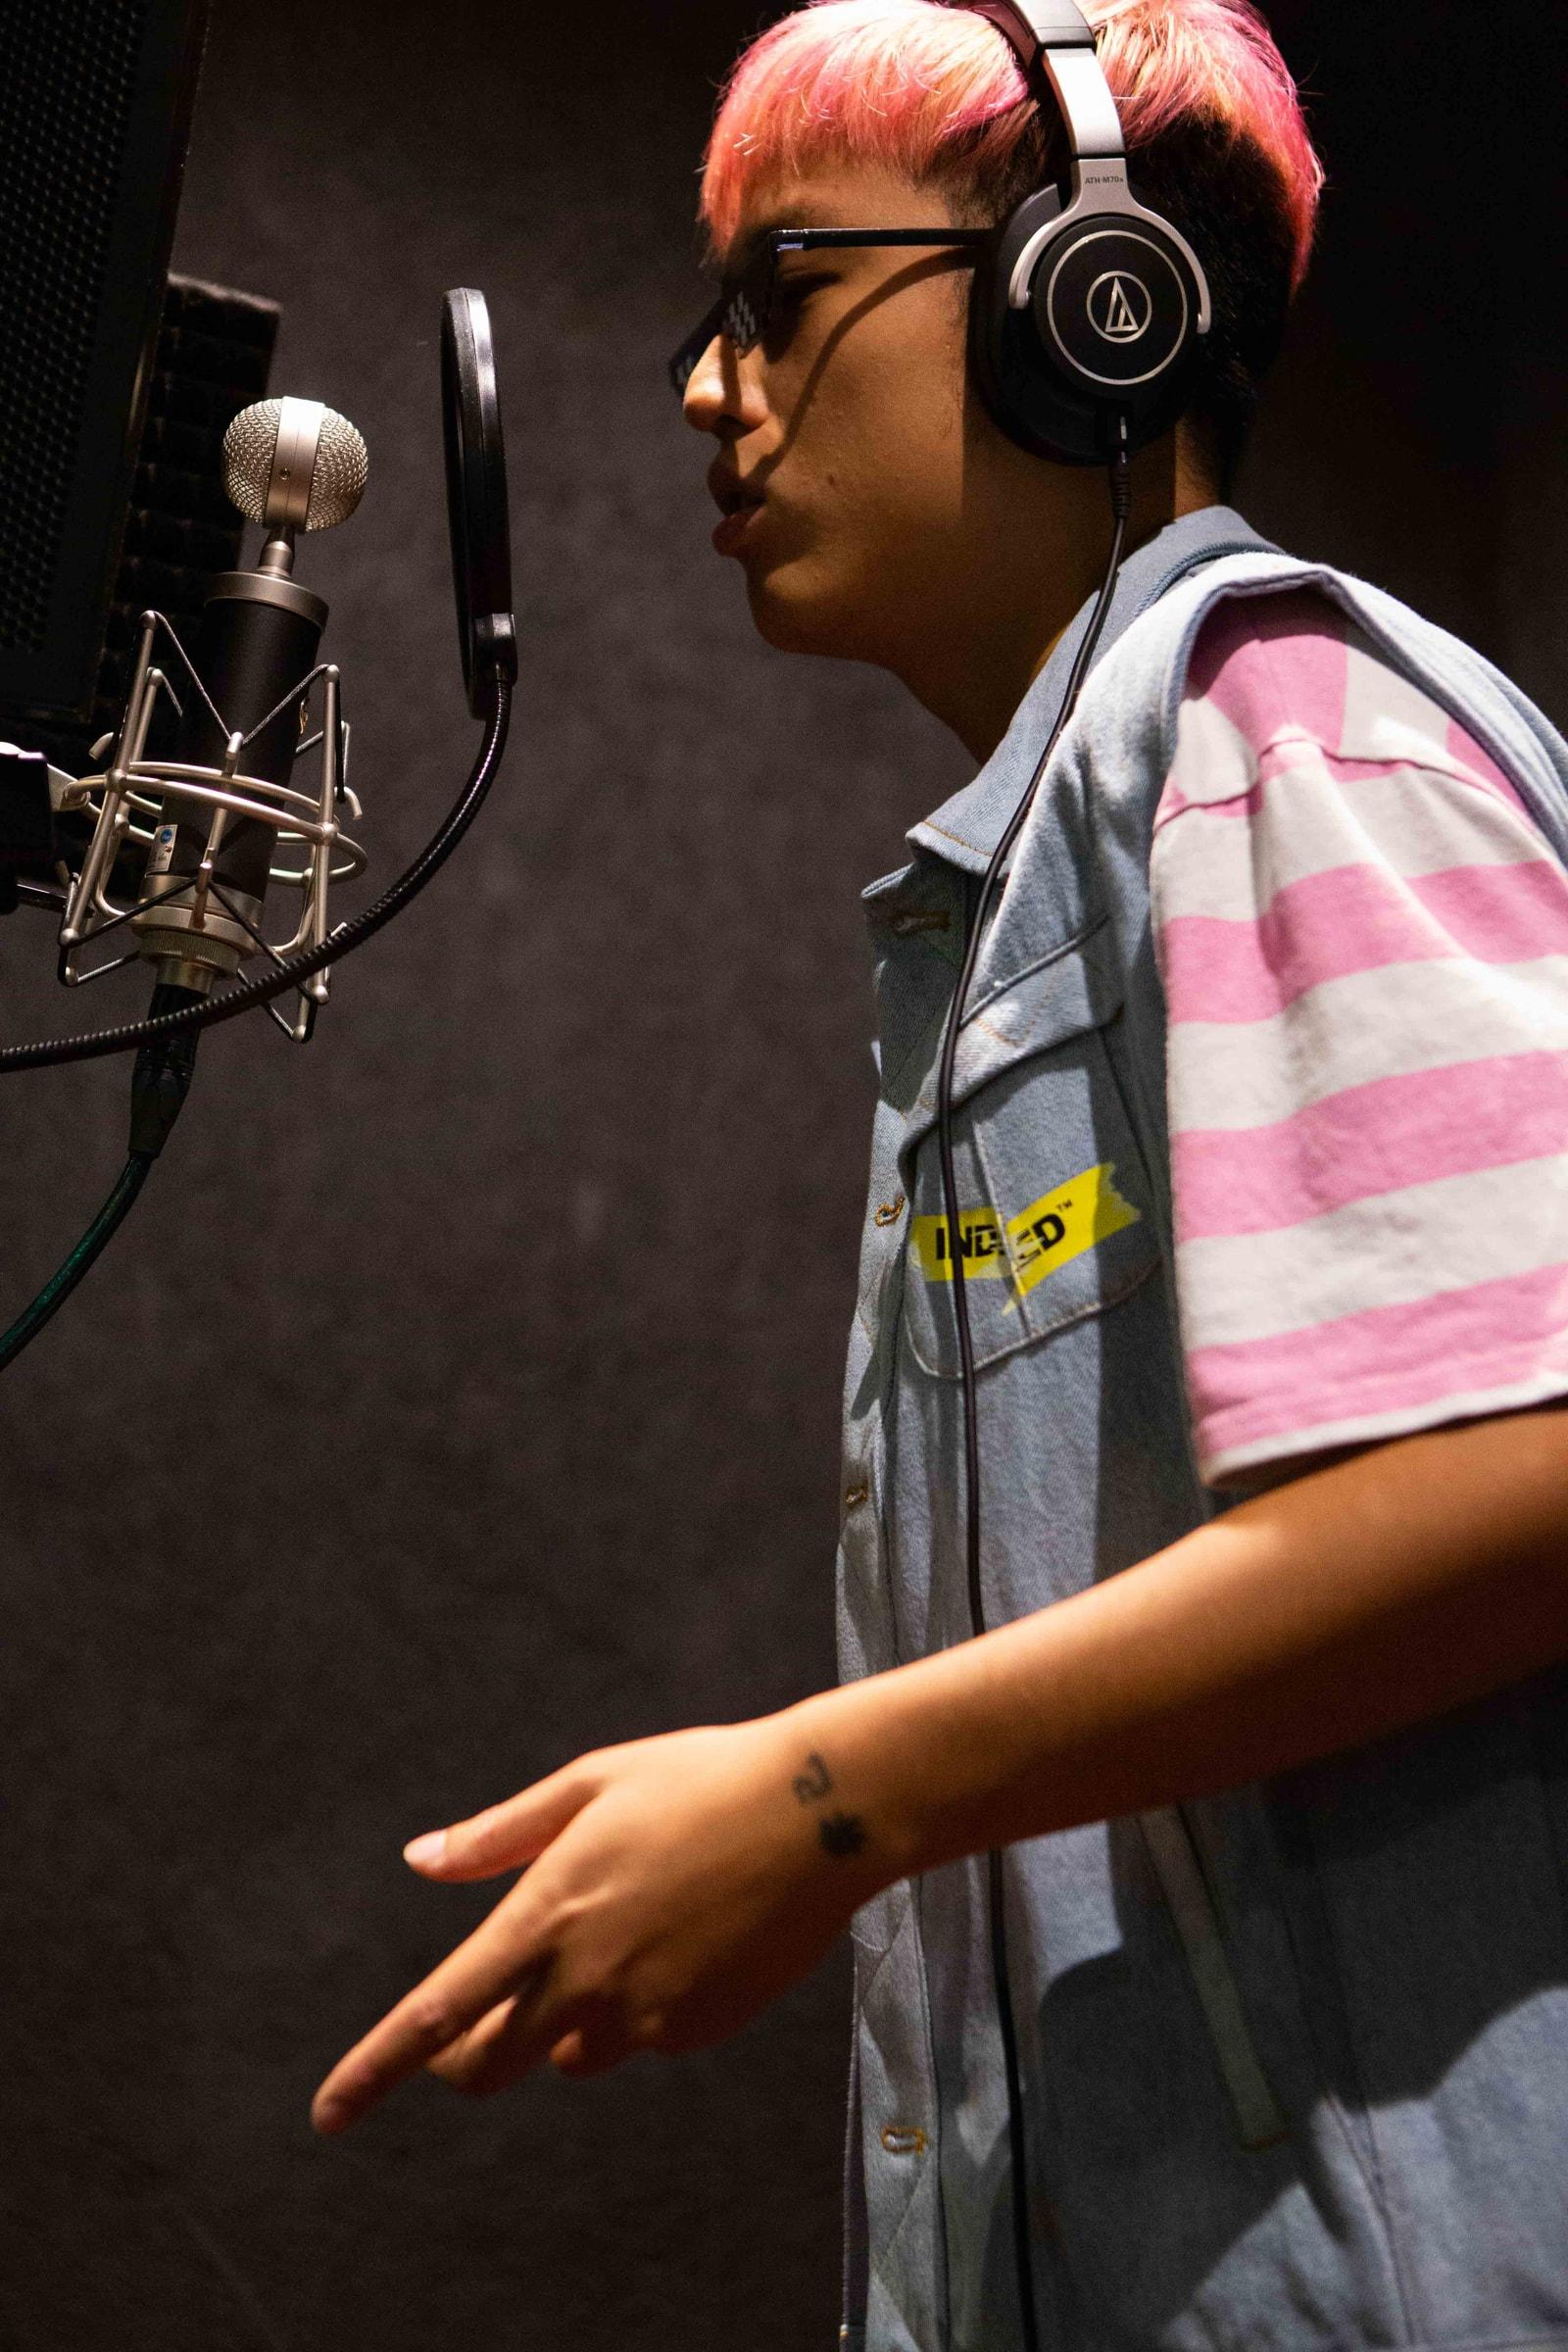 留学归来的年轻音乐人,带给川渝 Hip-hop 以怎样的改变?